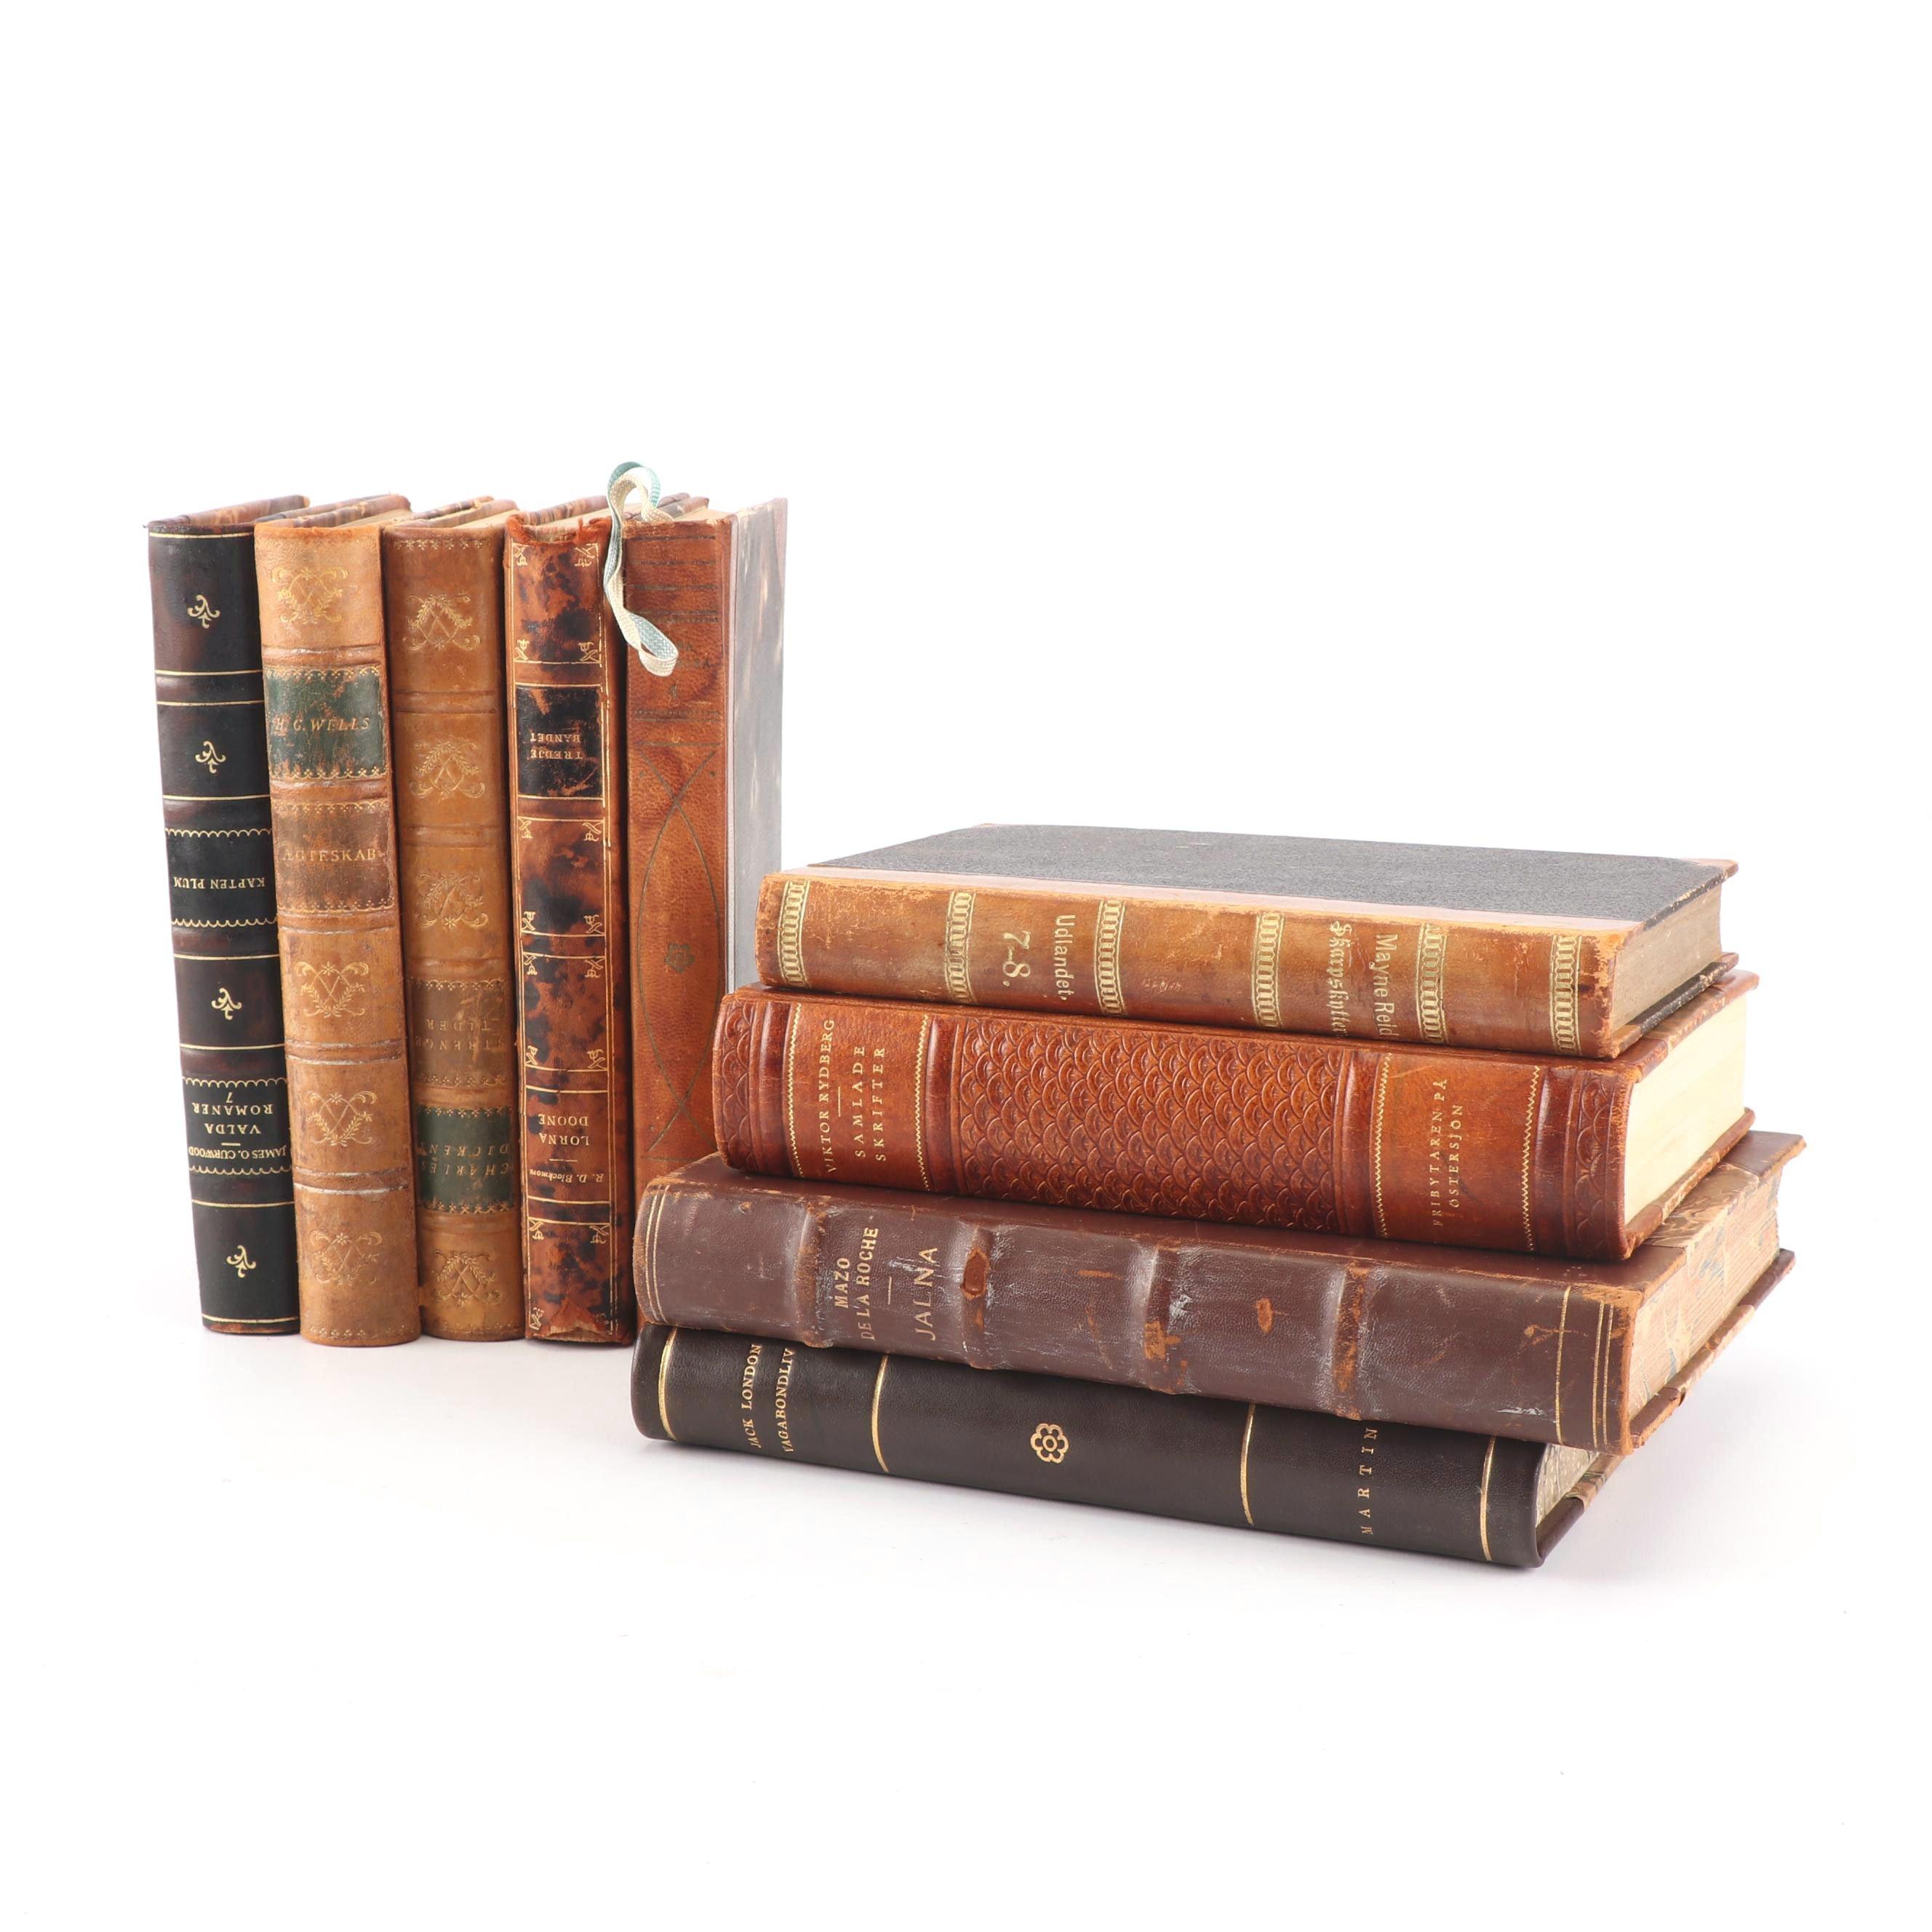 """1922 """"Skrifter av Viktor Rydberg"""" and Other Books"""